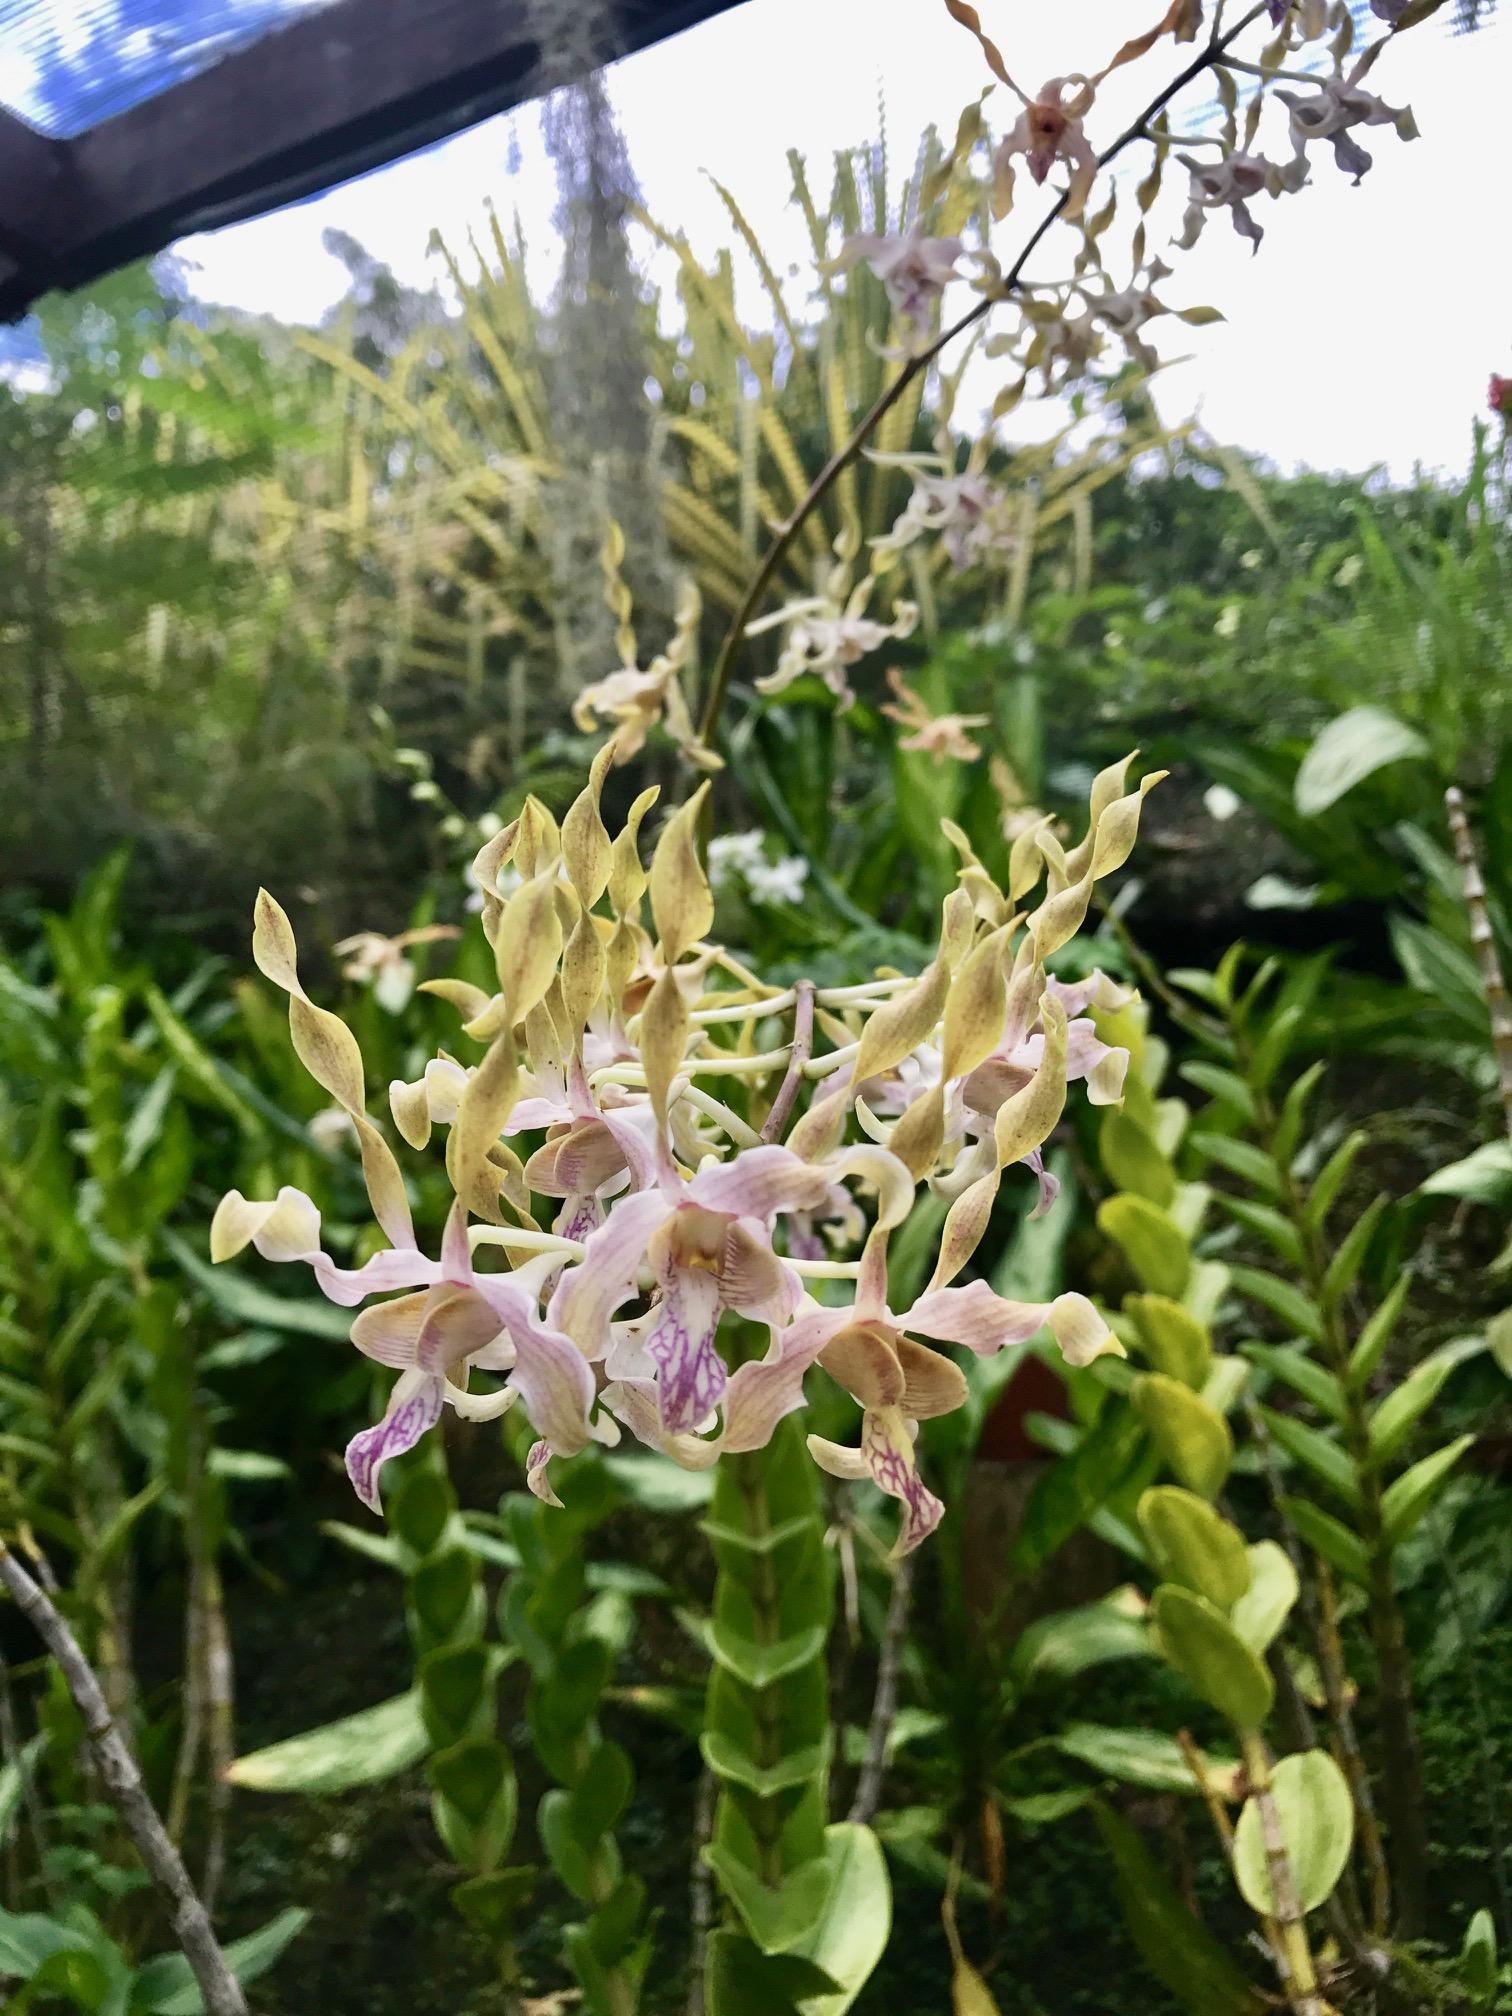 Alien looking orchids.